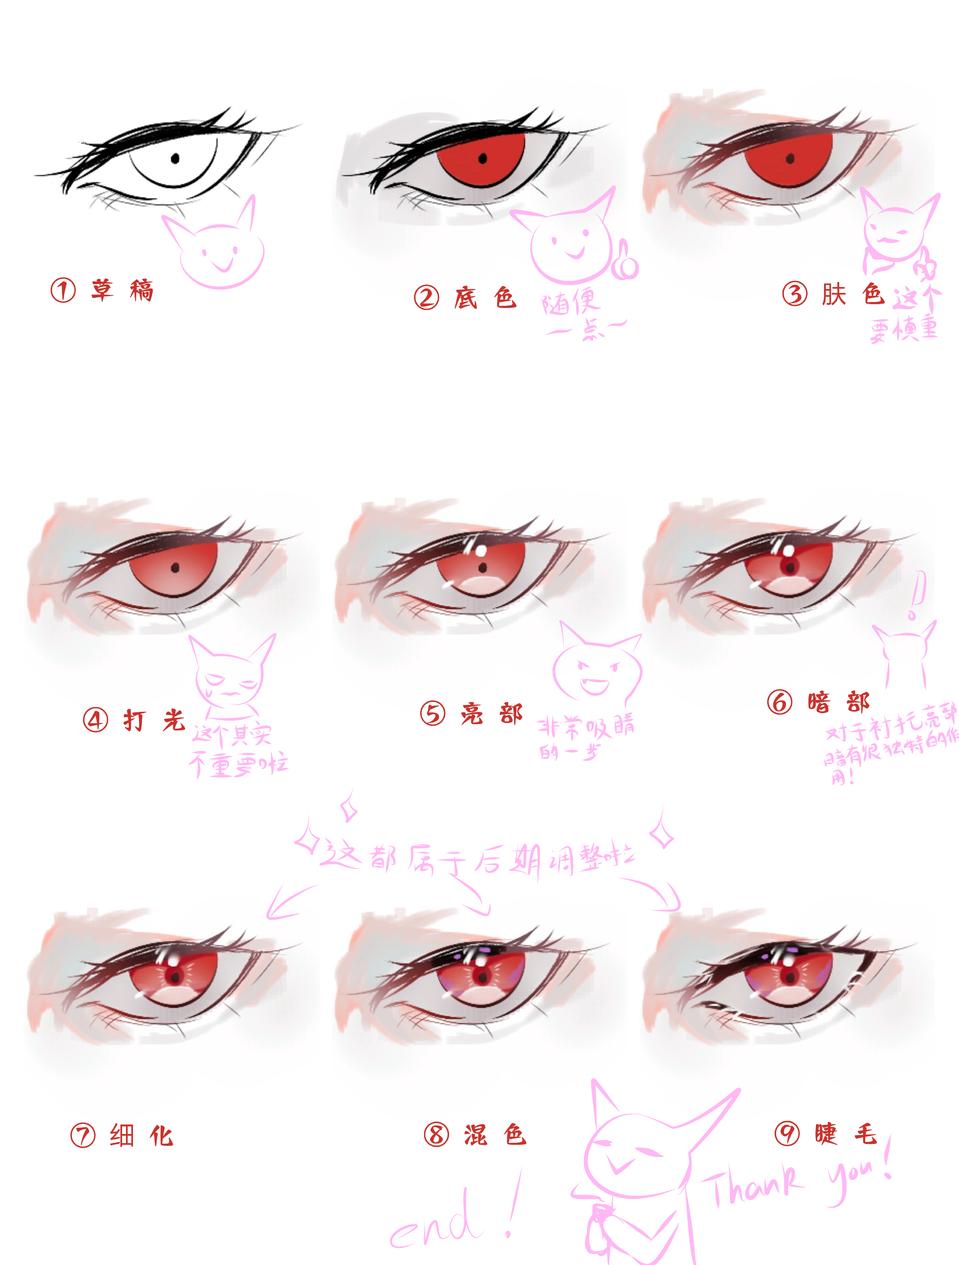 眼睛教程 Illust of ruagi medibangpaint illustration きょうてい painting 目イキング original 講座 教程 eyes メイキング